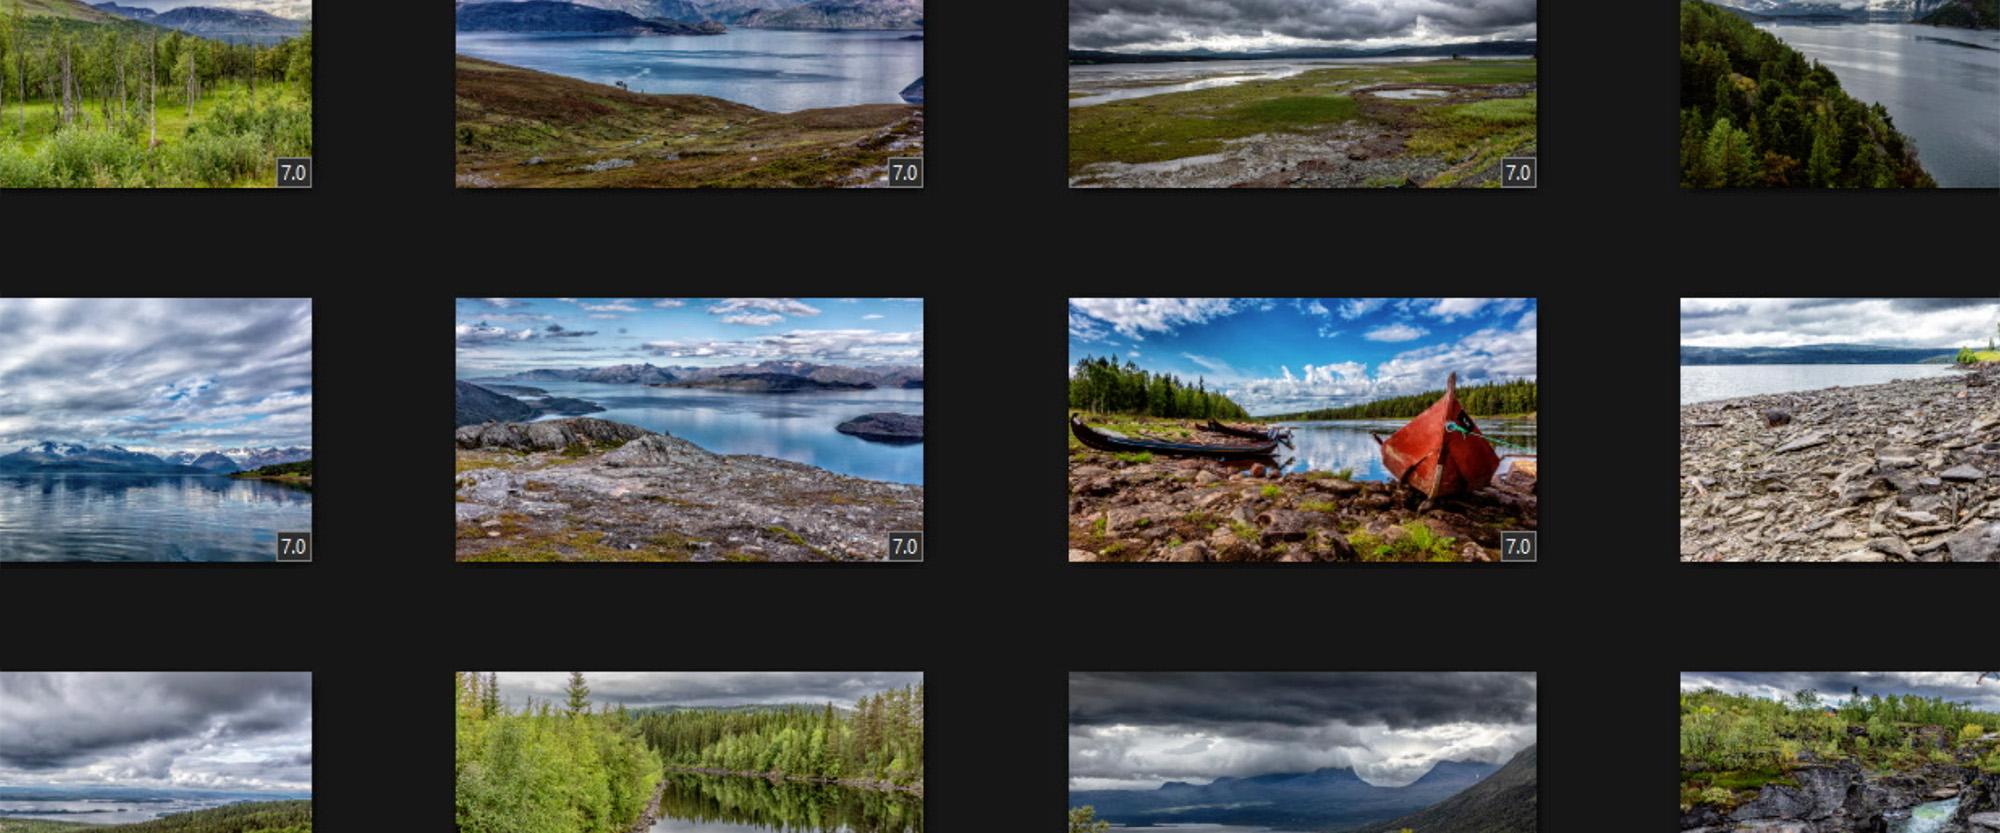 Onlinekurs Skapa bildspel med PTE AV Studio